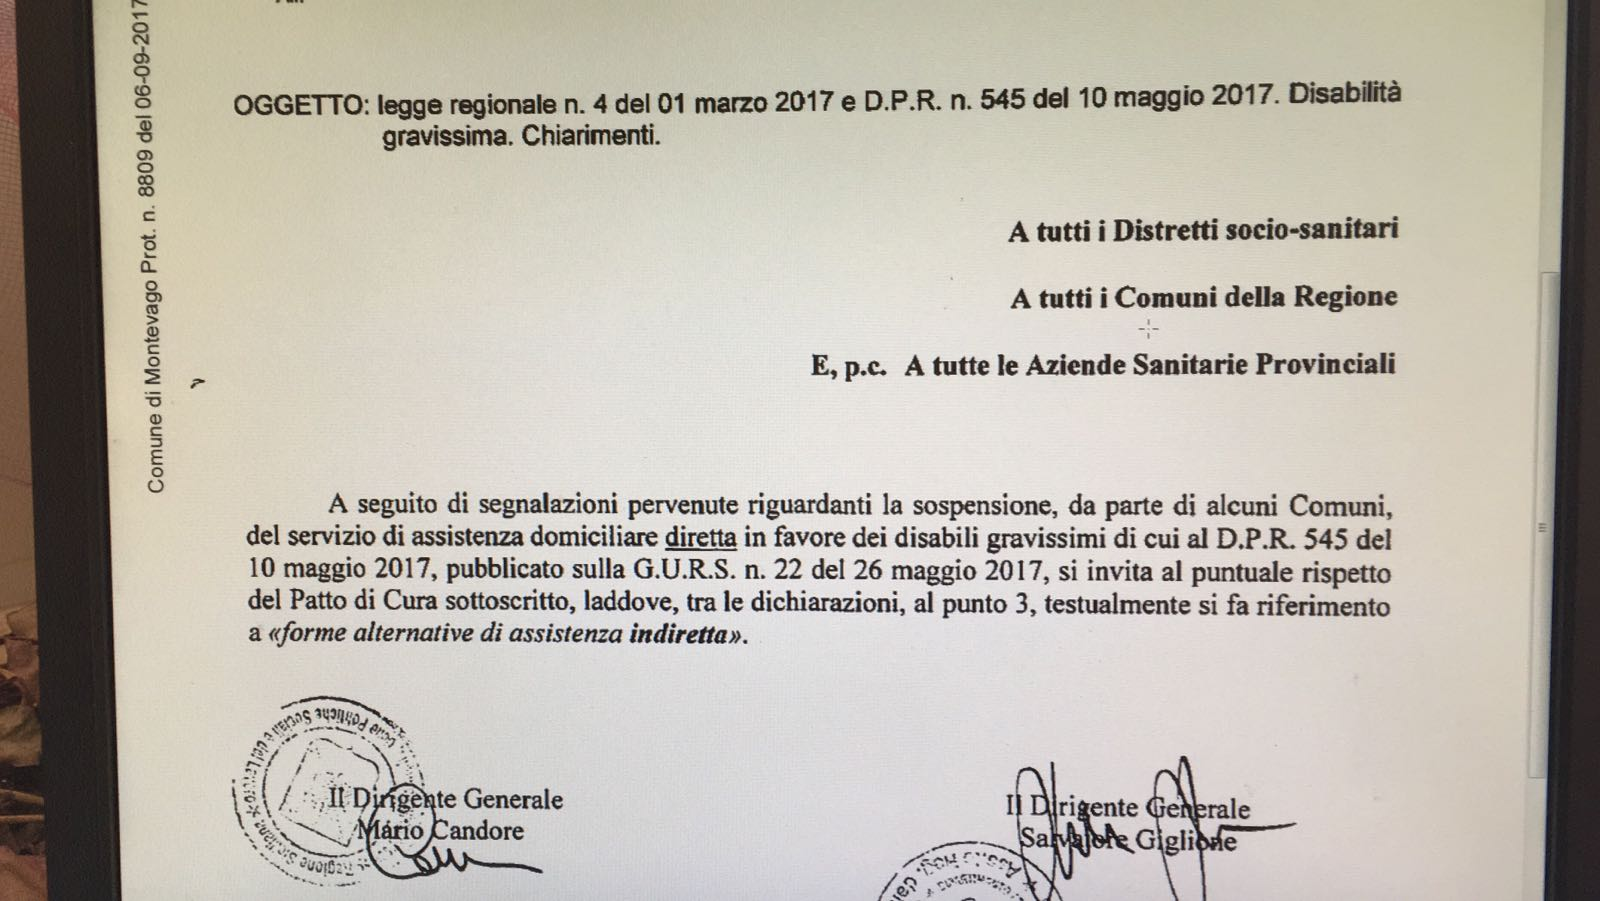 La Regione Siciliana da ragione ai Disabili Gravissimi: i Comuni ripristinano l'assistenza